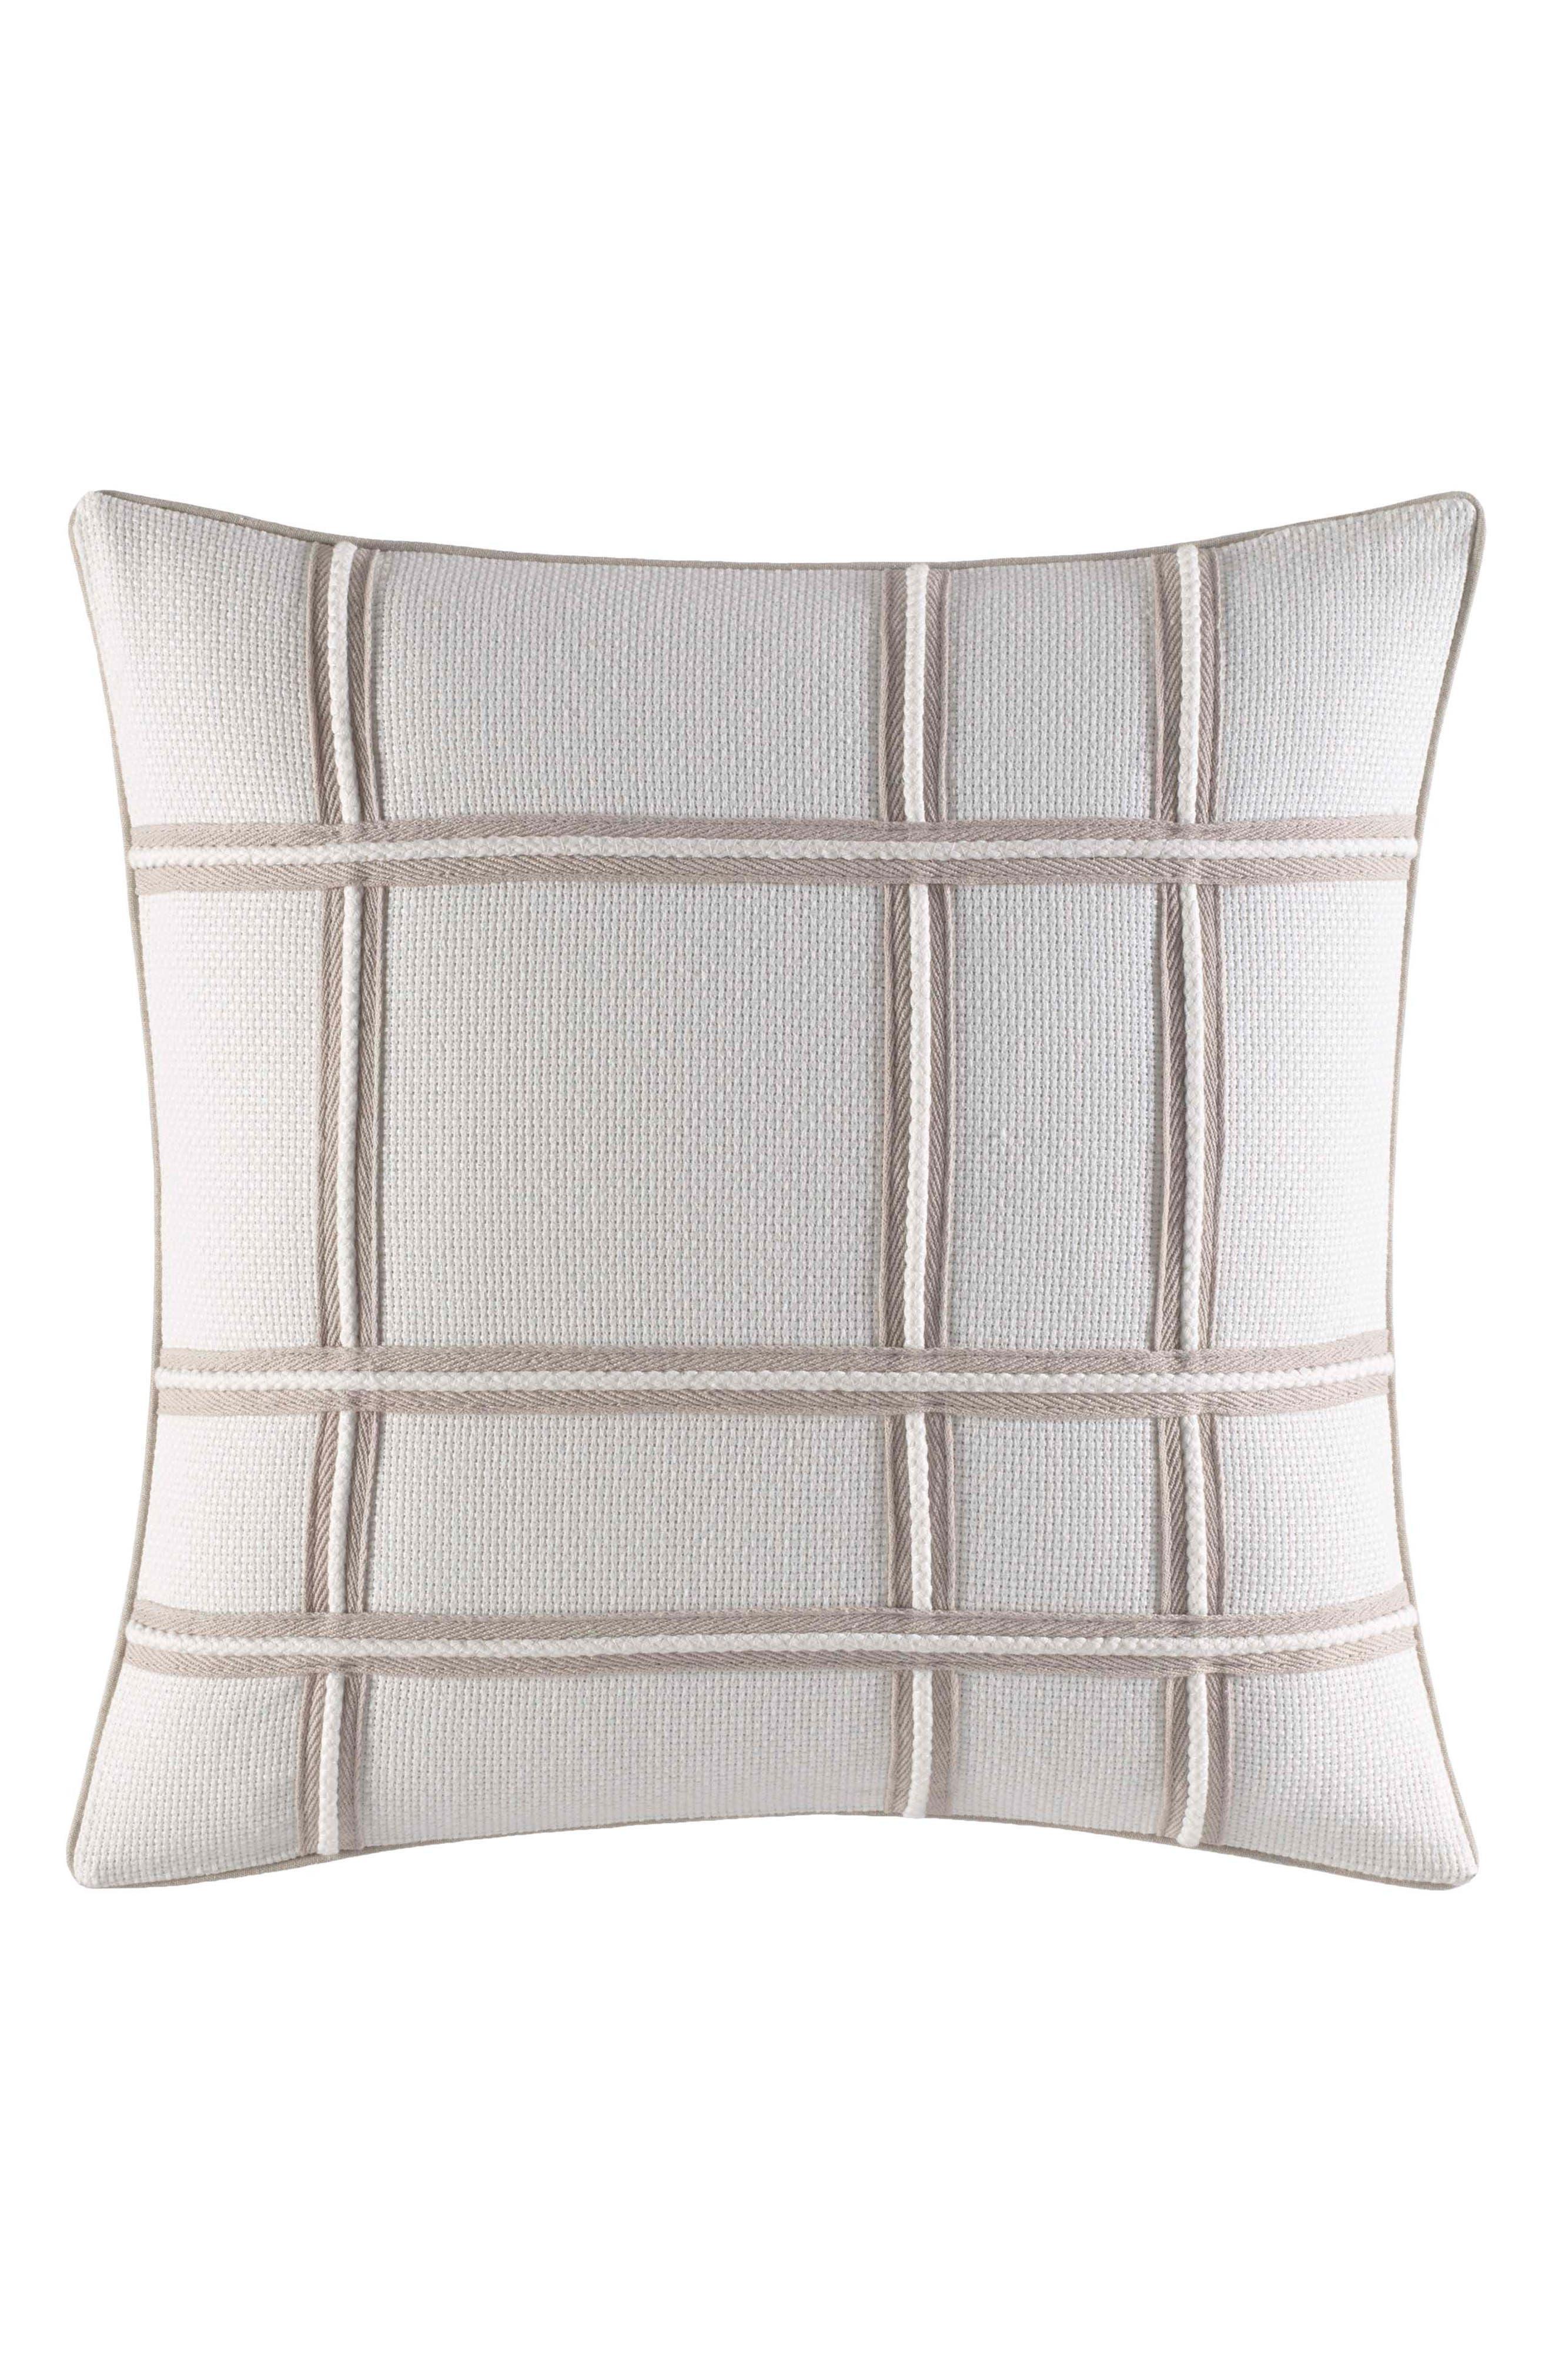 Abbot Rope Appliqué Accent Pillow,                             Main thumbnail 1, color,                             White